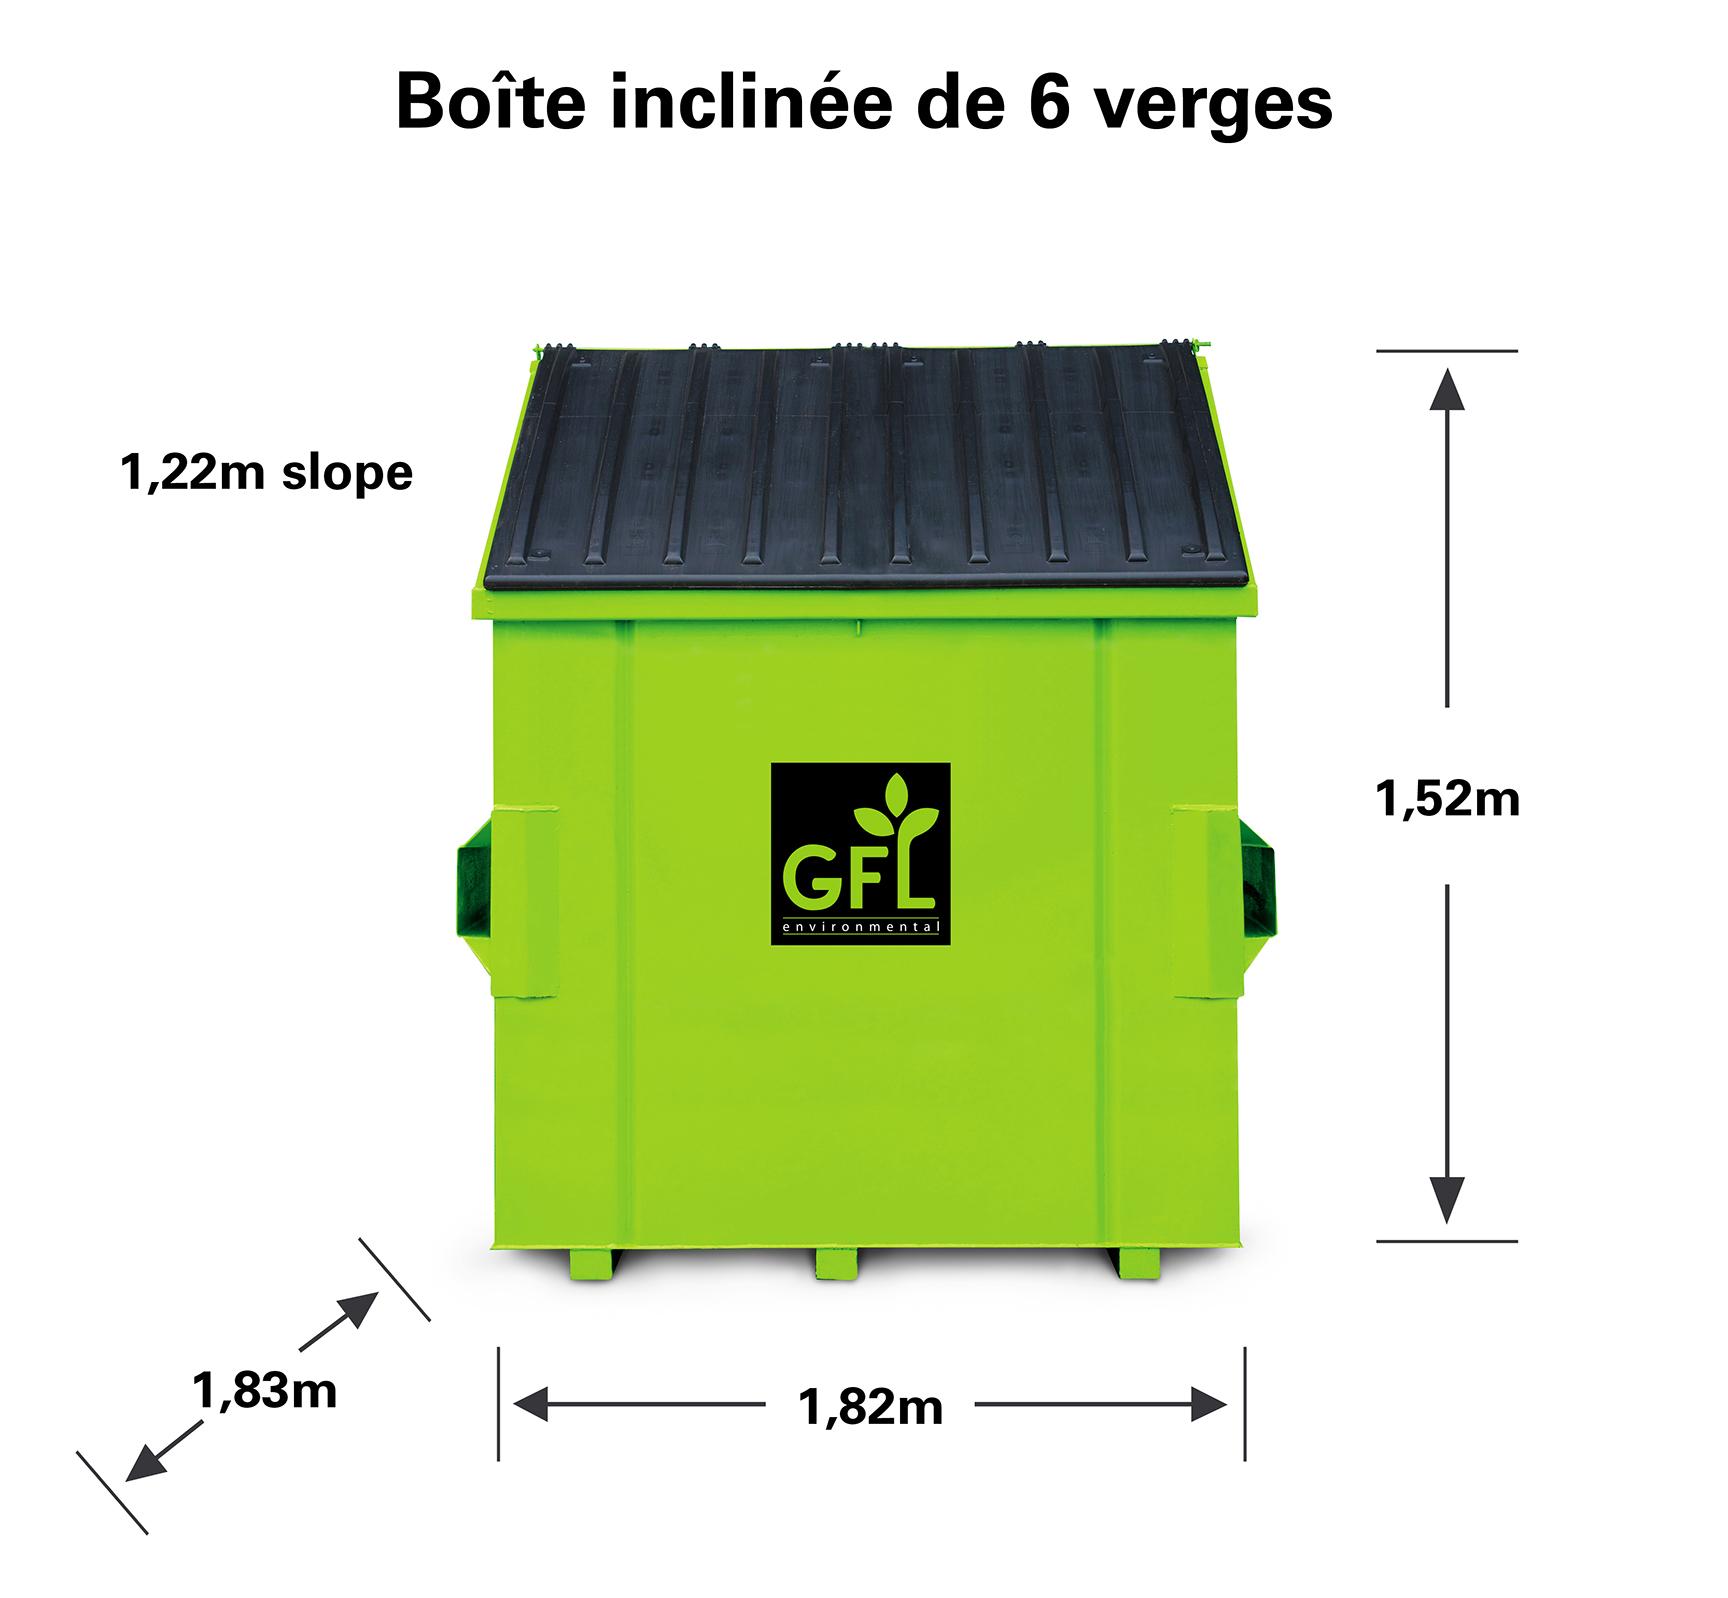 Boîte de recyclage à tête oblique de six verges